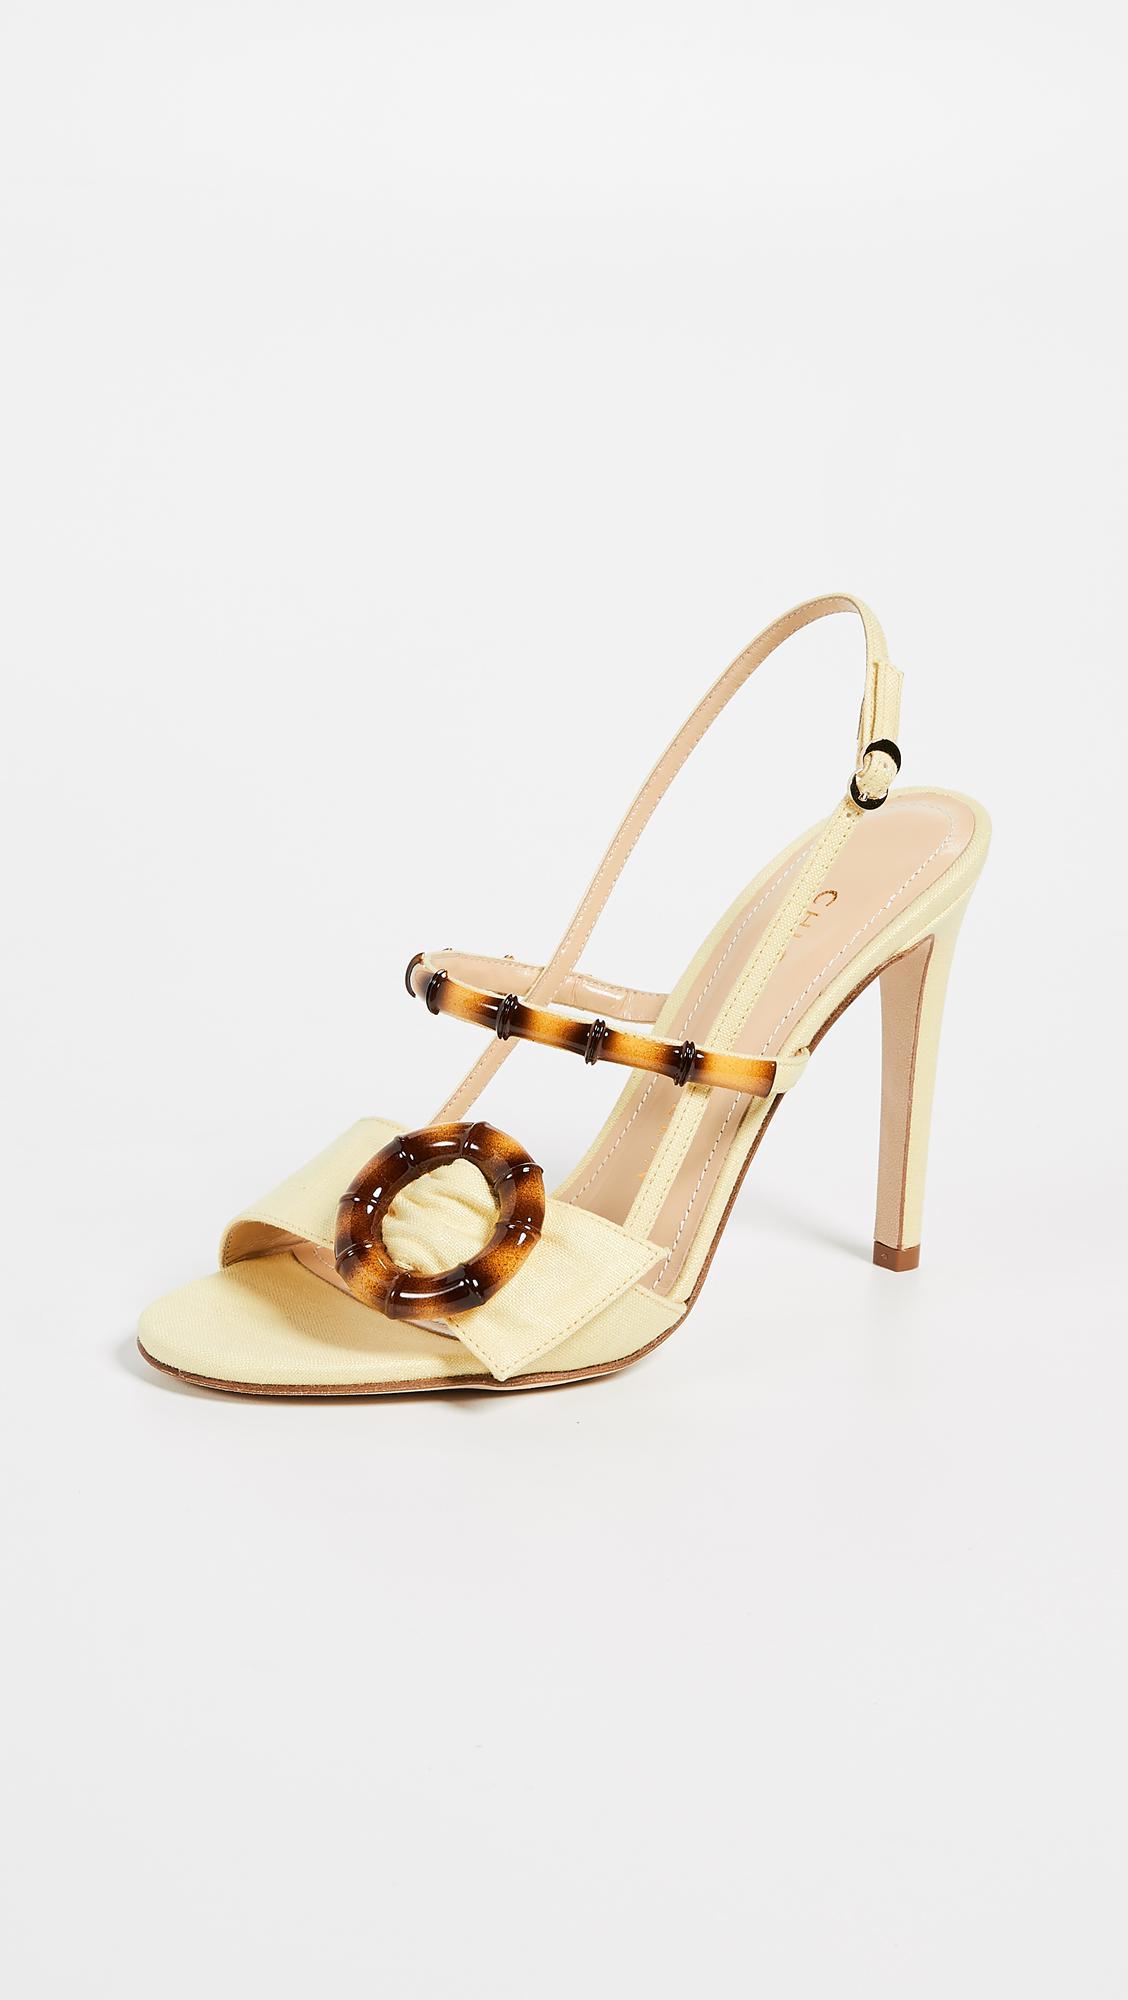 2a2cacae11e94a Chloe Gosselin. Women s Yellow Celeste Sandals.  975  682 From Shopbop